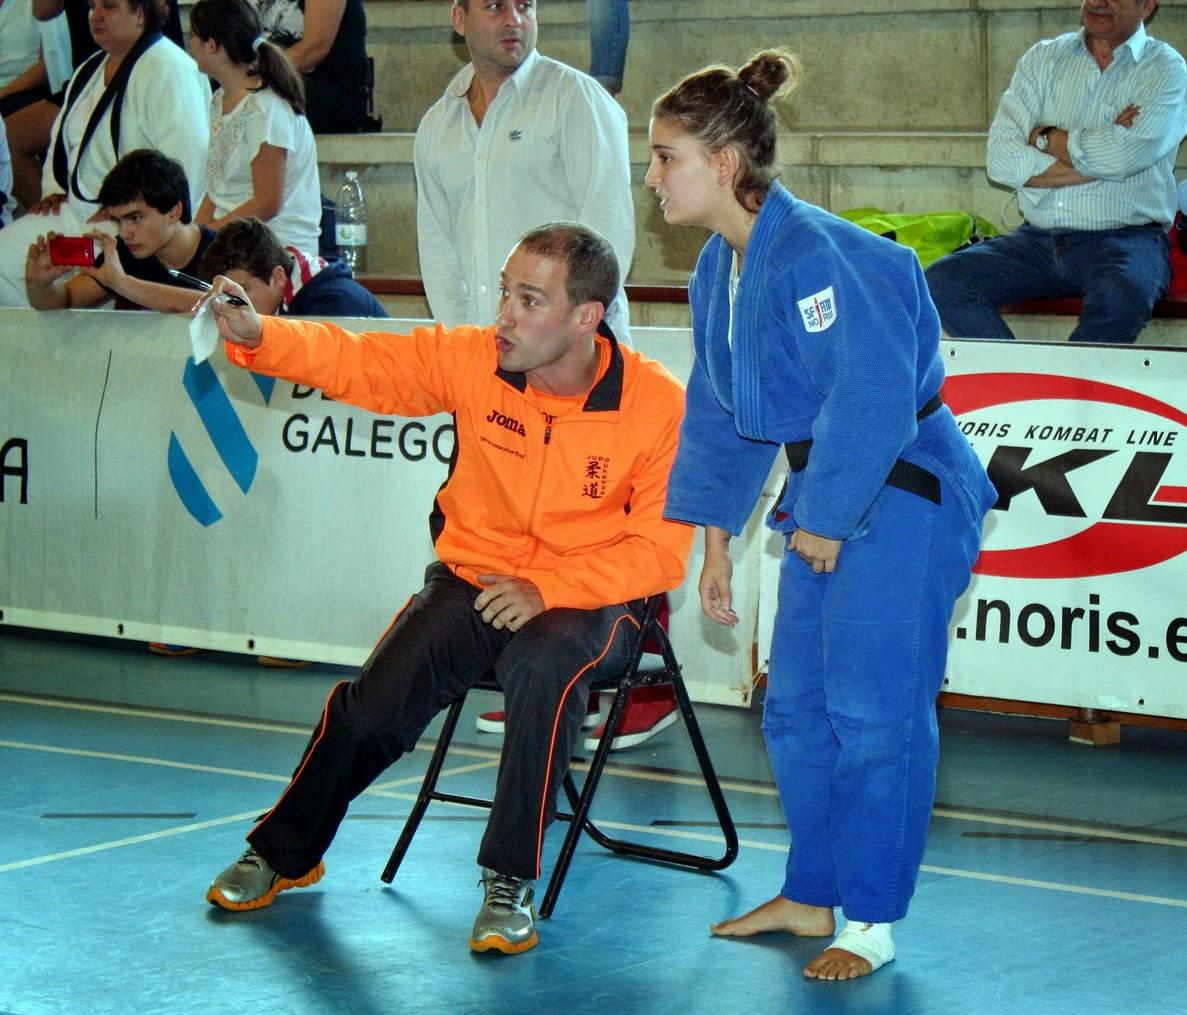 Federacion gallega de balonmano fotos 84